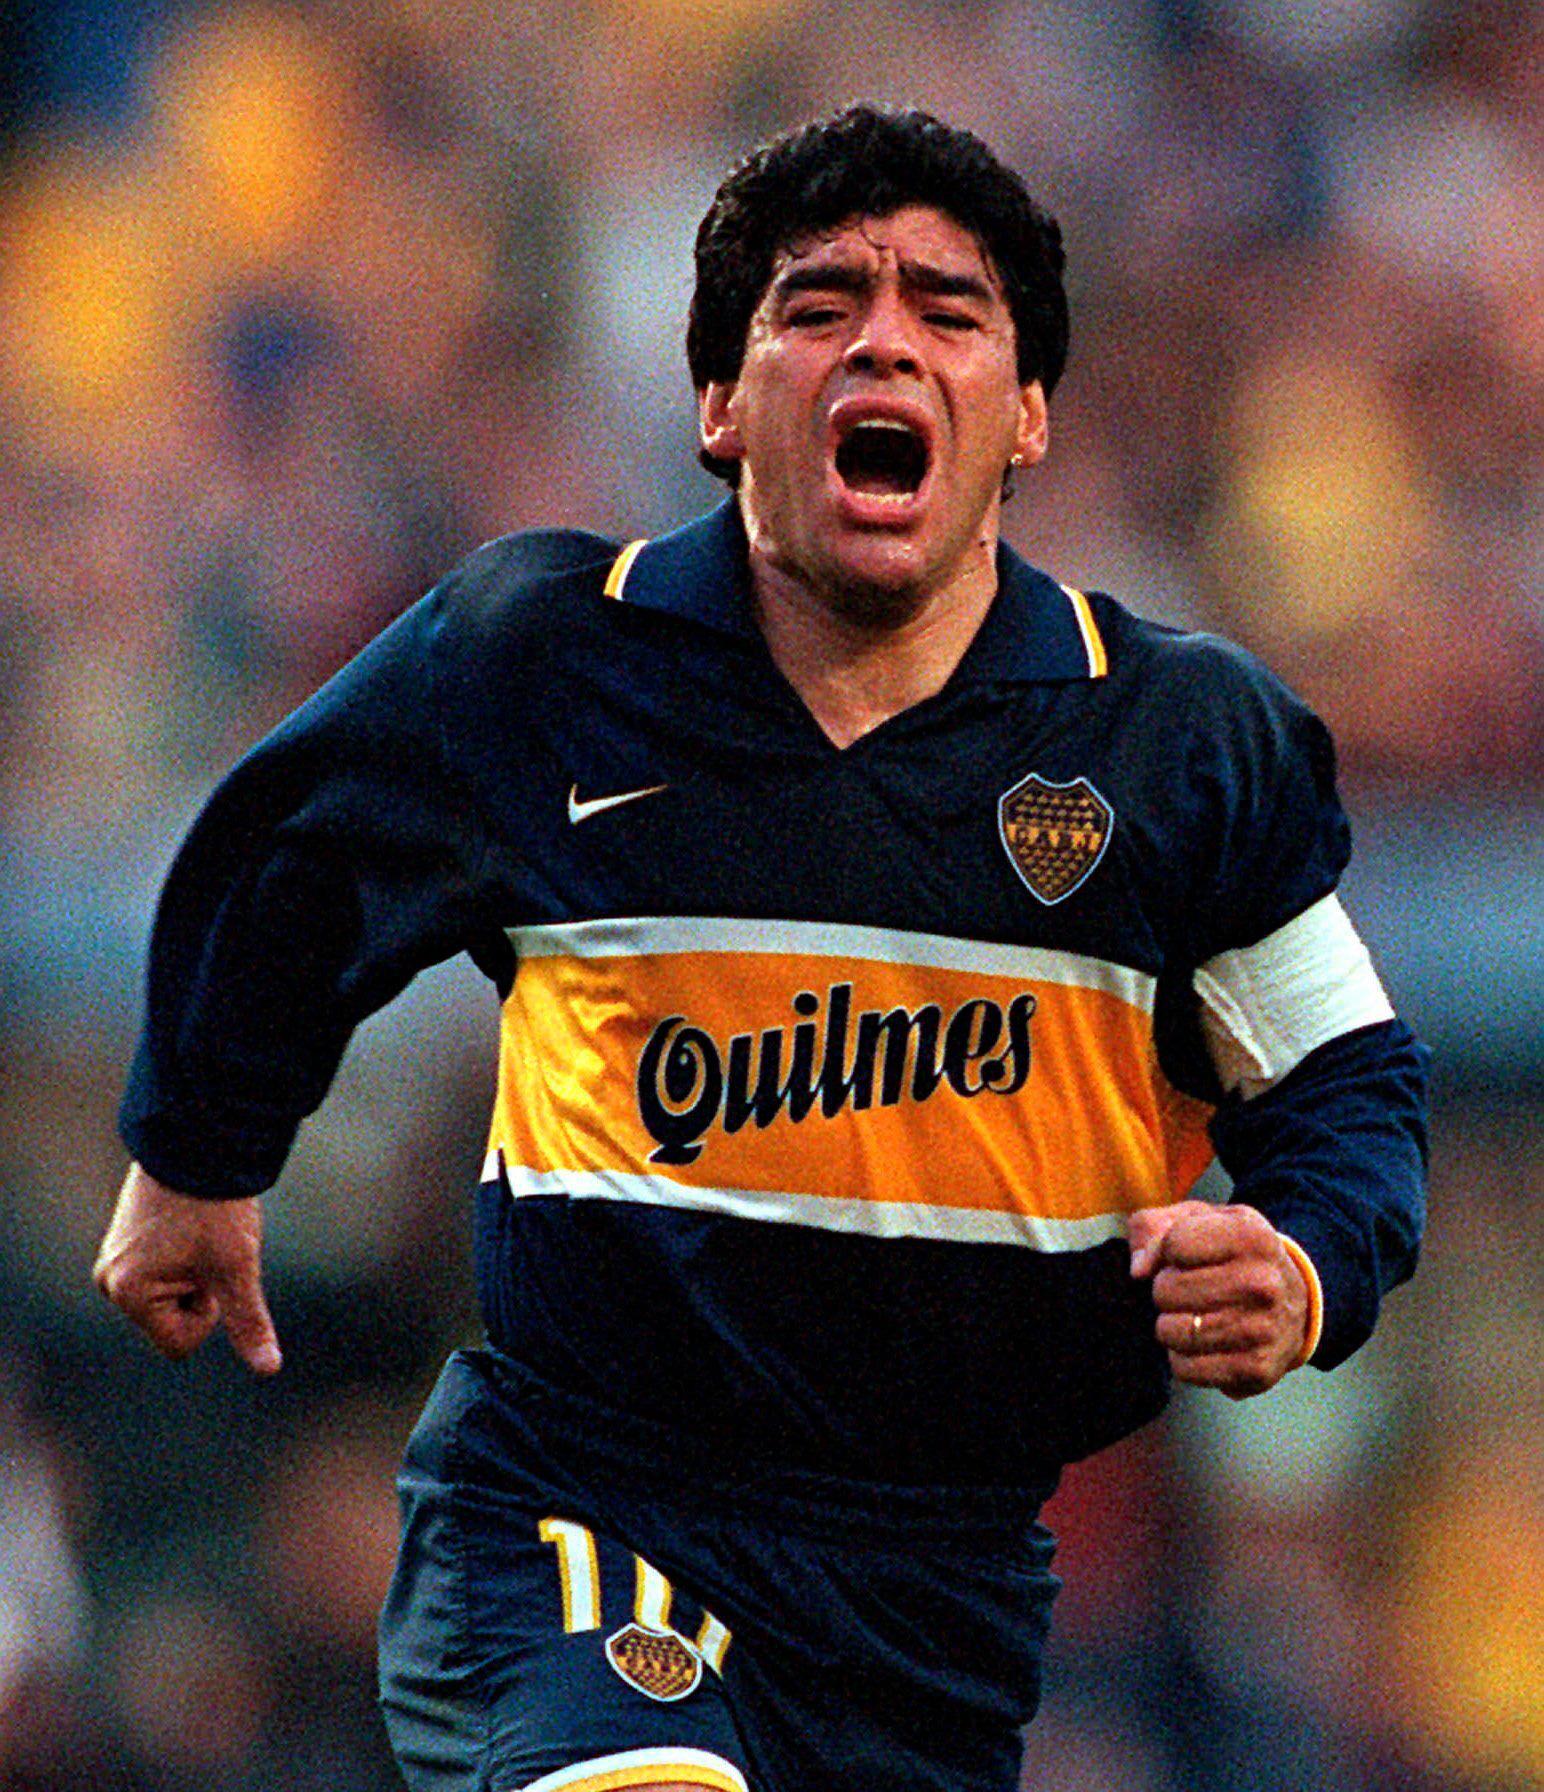 Cuộc đời Maradona qua ảnh: Đầy vinh quang nhưng cũng lắm tranh cãi - Ảnh 8.